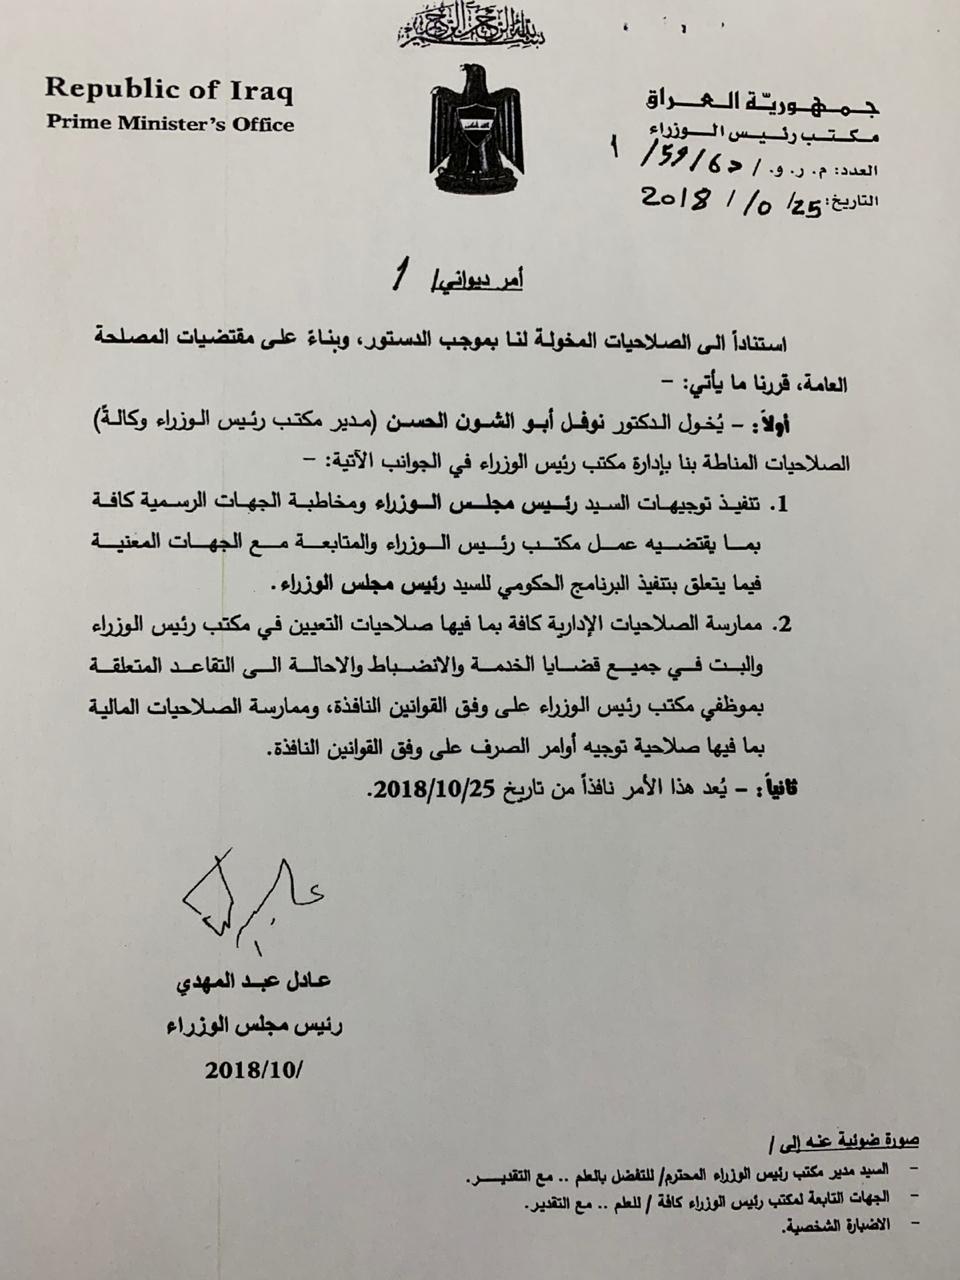 رئيس الوزراء عادل عبد المهدي يصدر أمرا ديوانيا بإبقاء نوفل ابو الشون الحسن مديرا لمكتبه وكالة